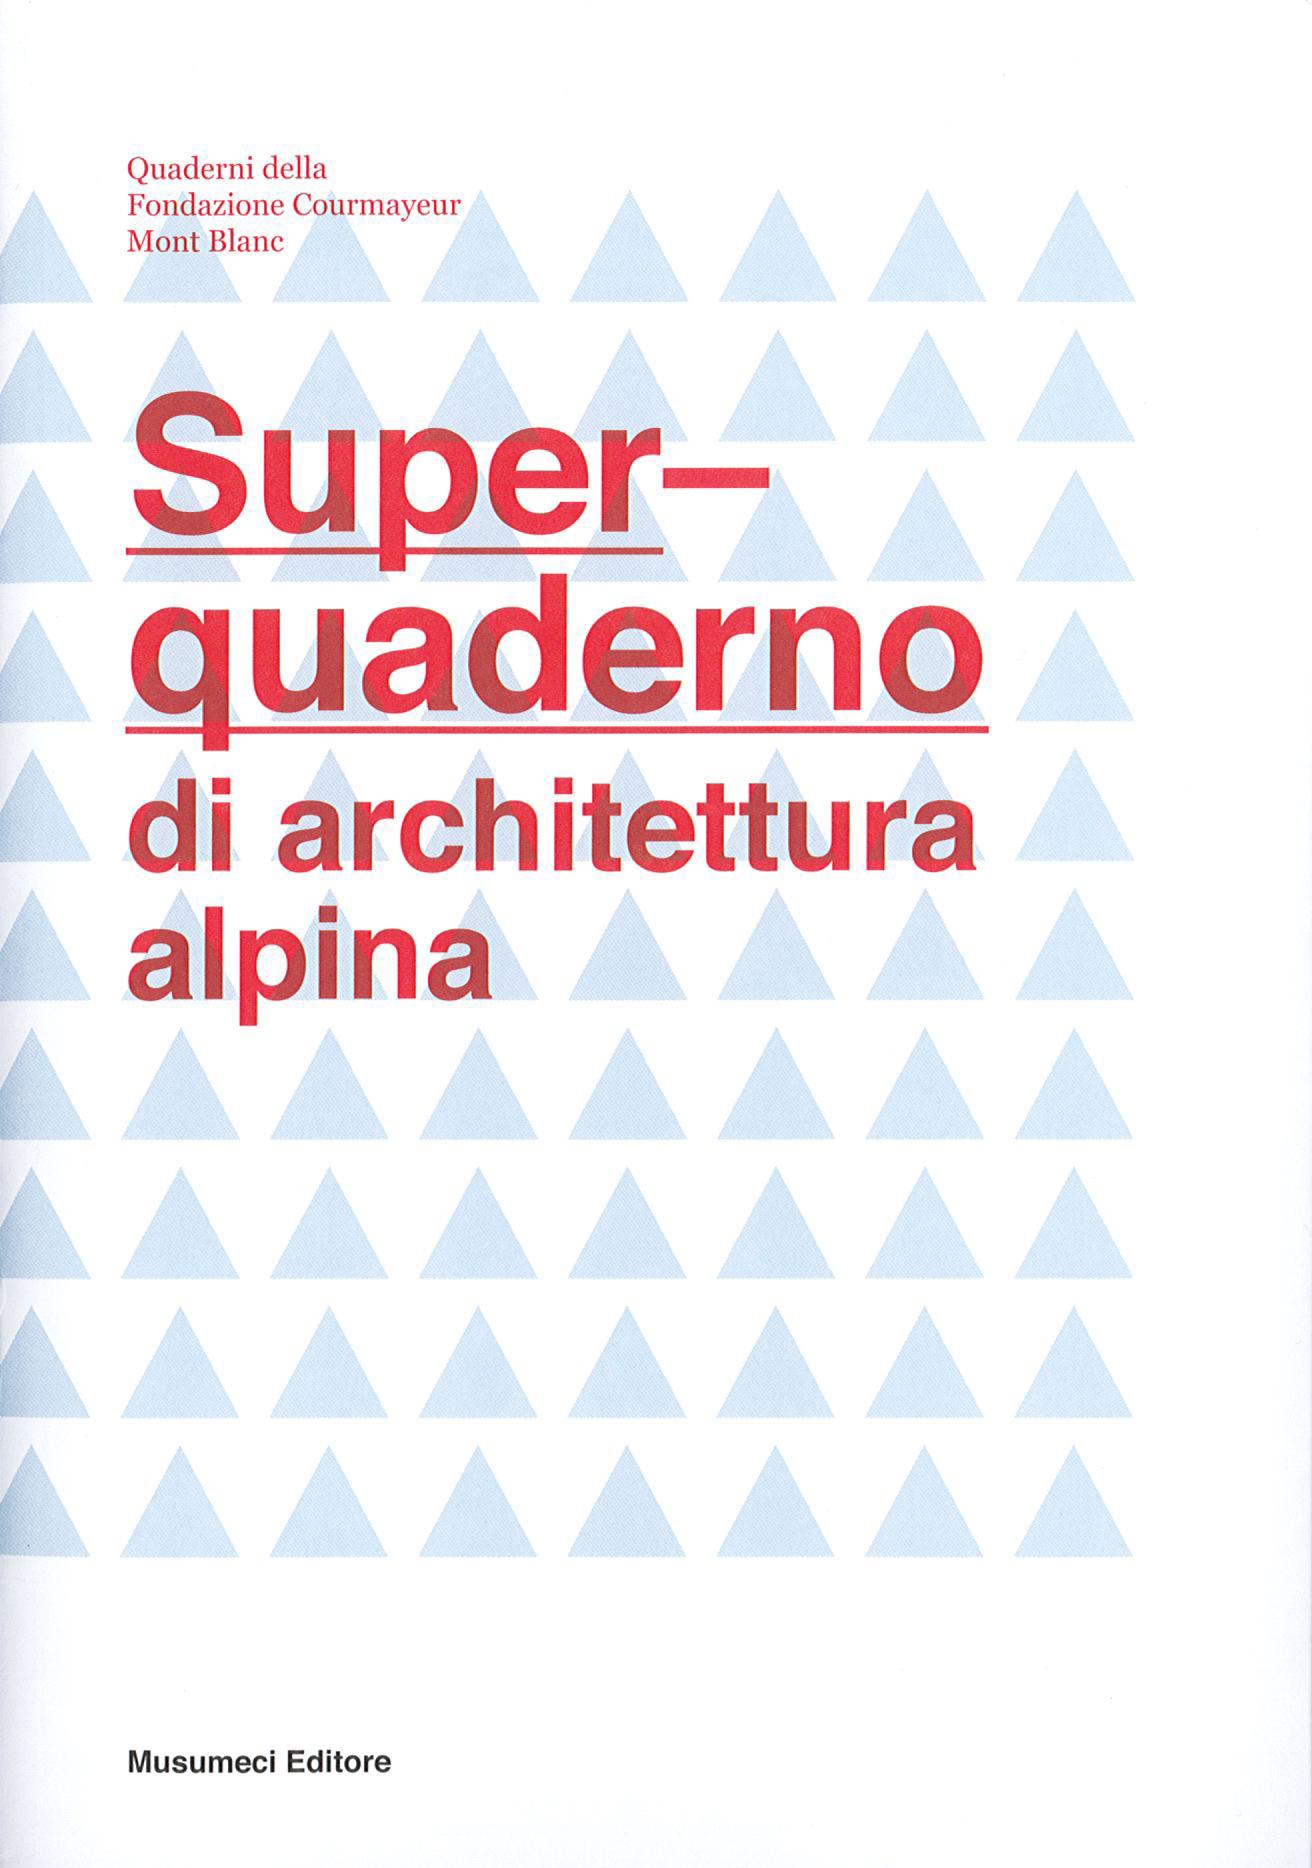 Pubblicazioni - Super-quaderno di architettura alpina - oberti+oberti   architetti